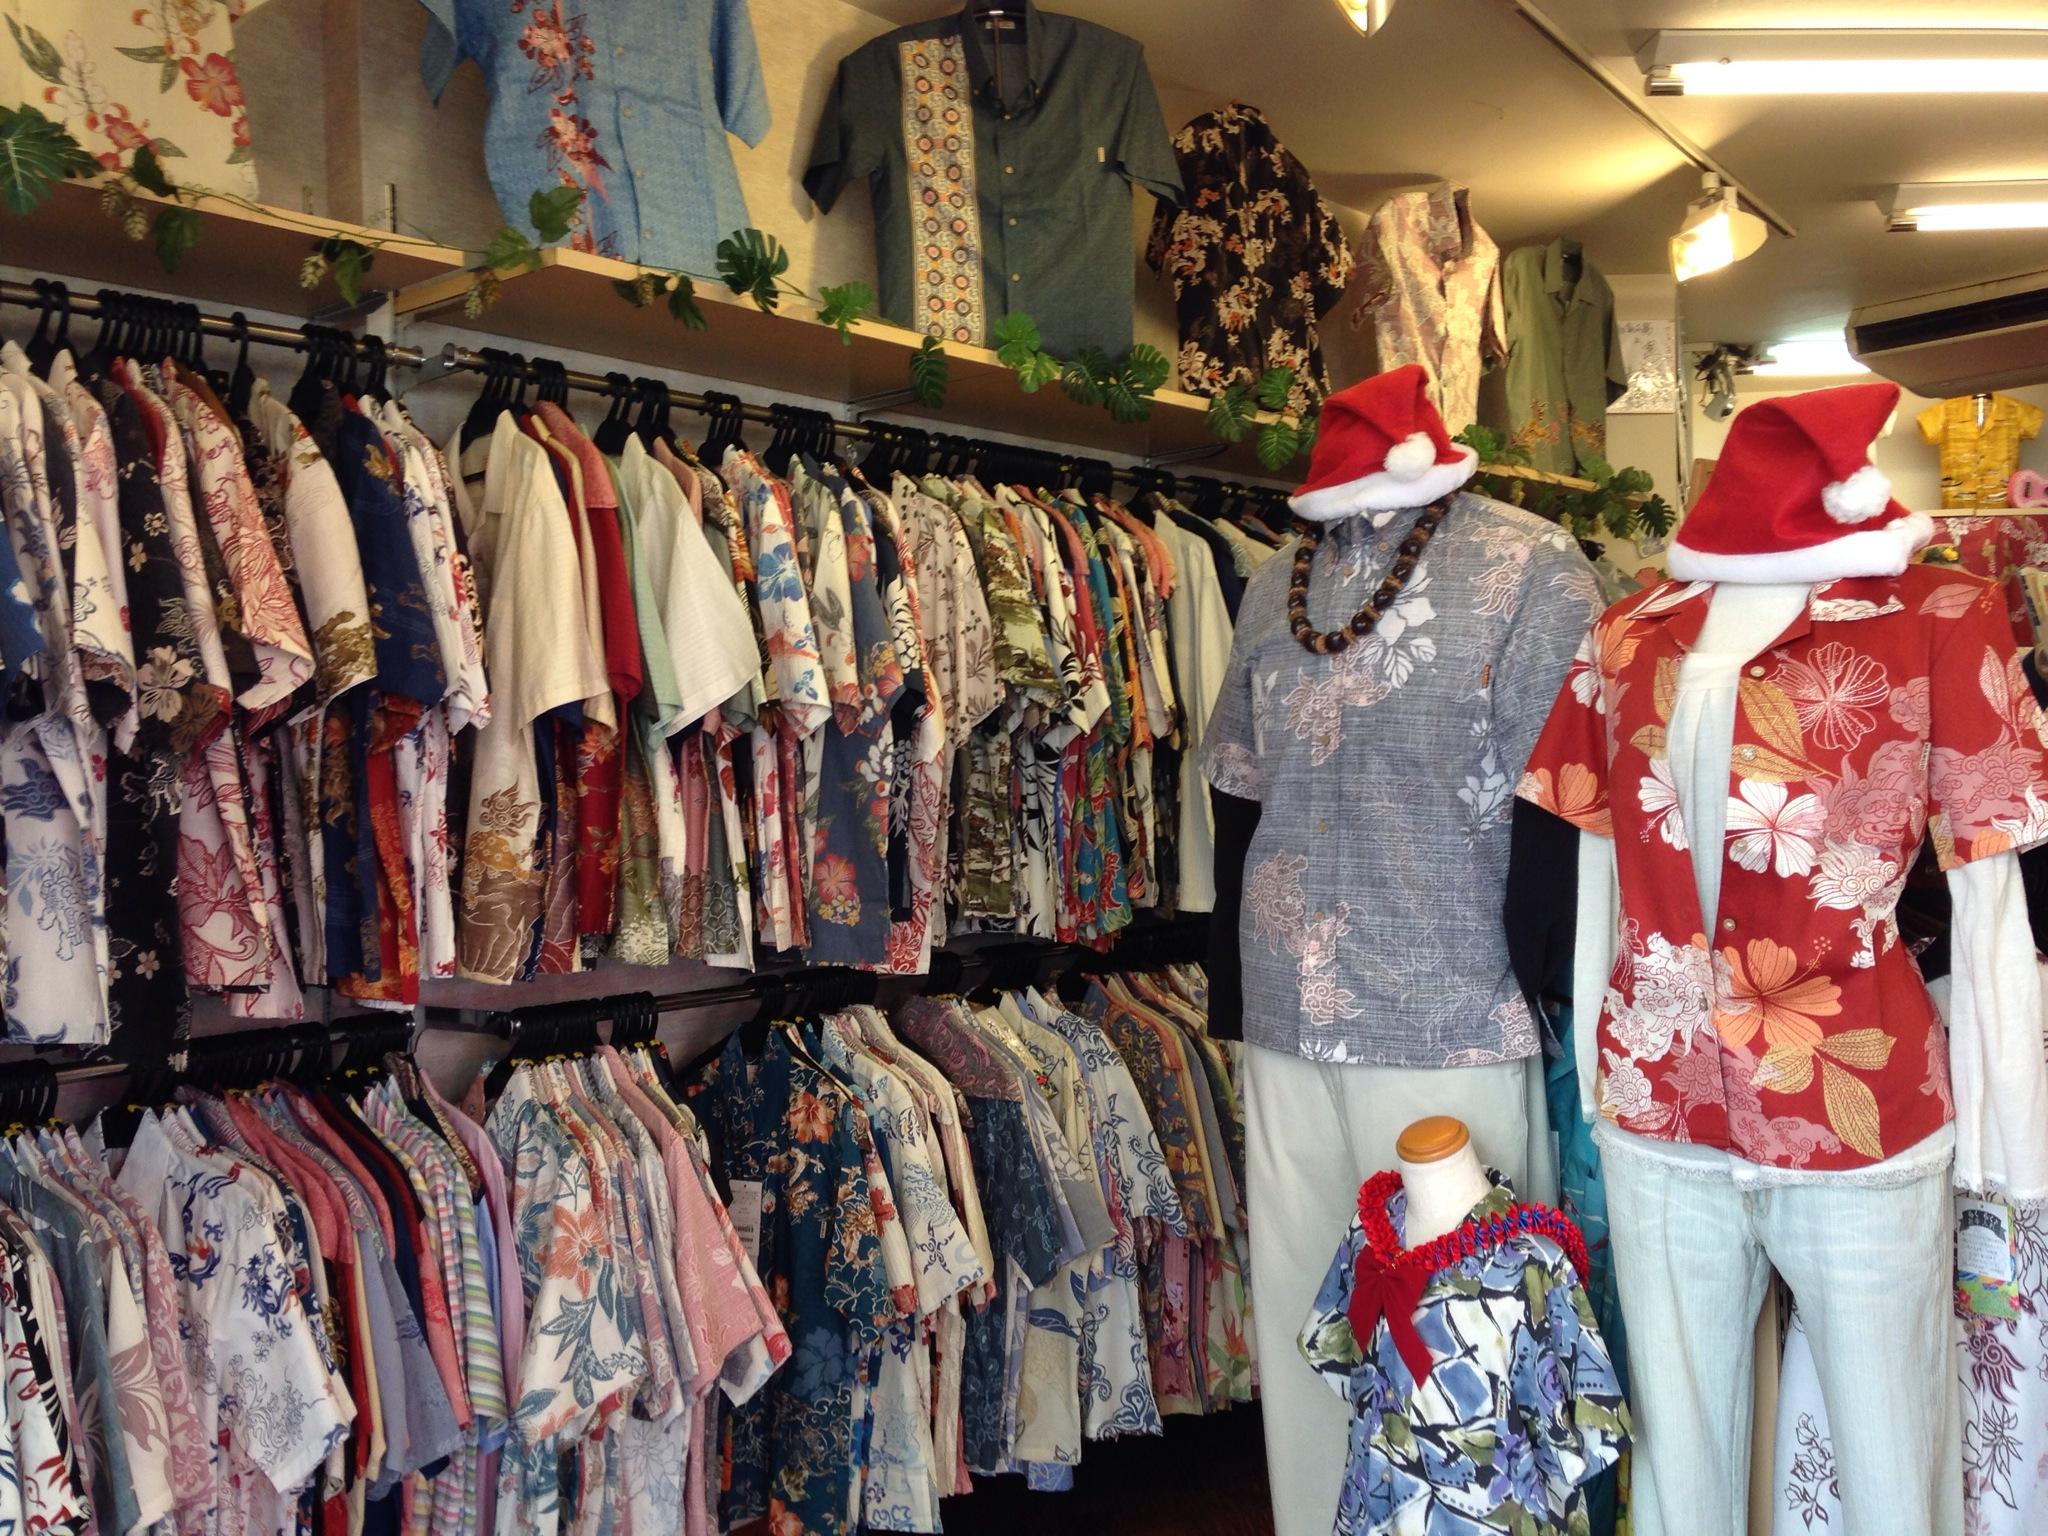 マンゴハウス(MANGO HOUSE)│沖縄で「かりゆしウェア・アロハシャツ」を調達するならここ!子供向けには女性用Sサイズがいい